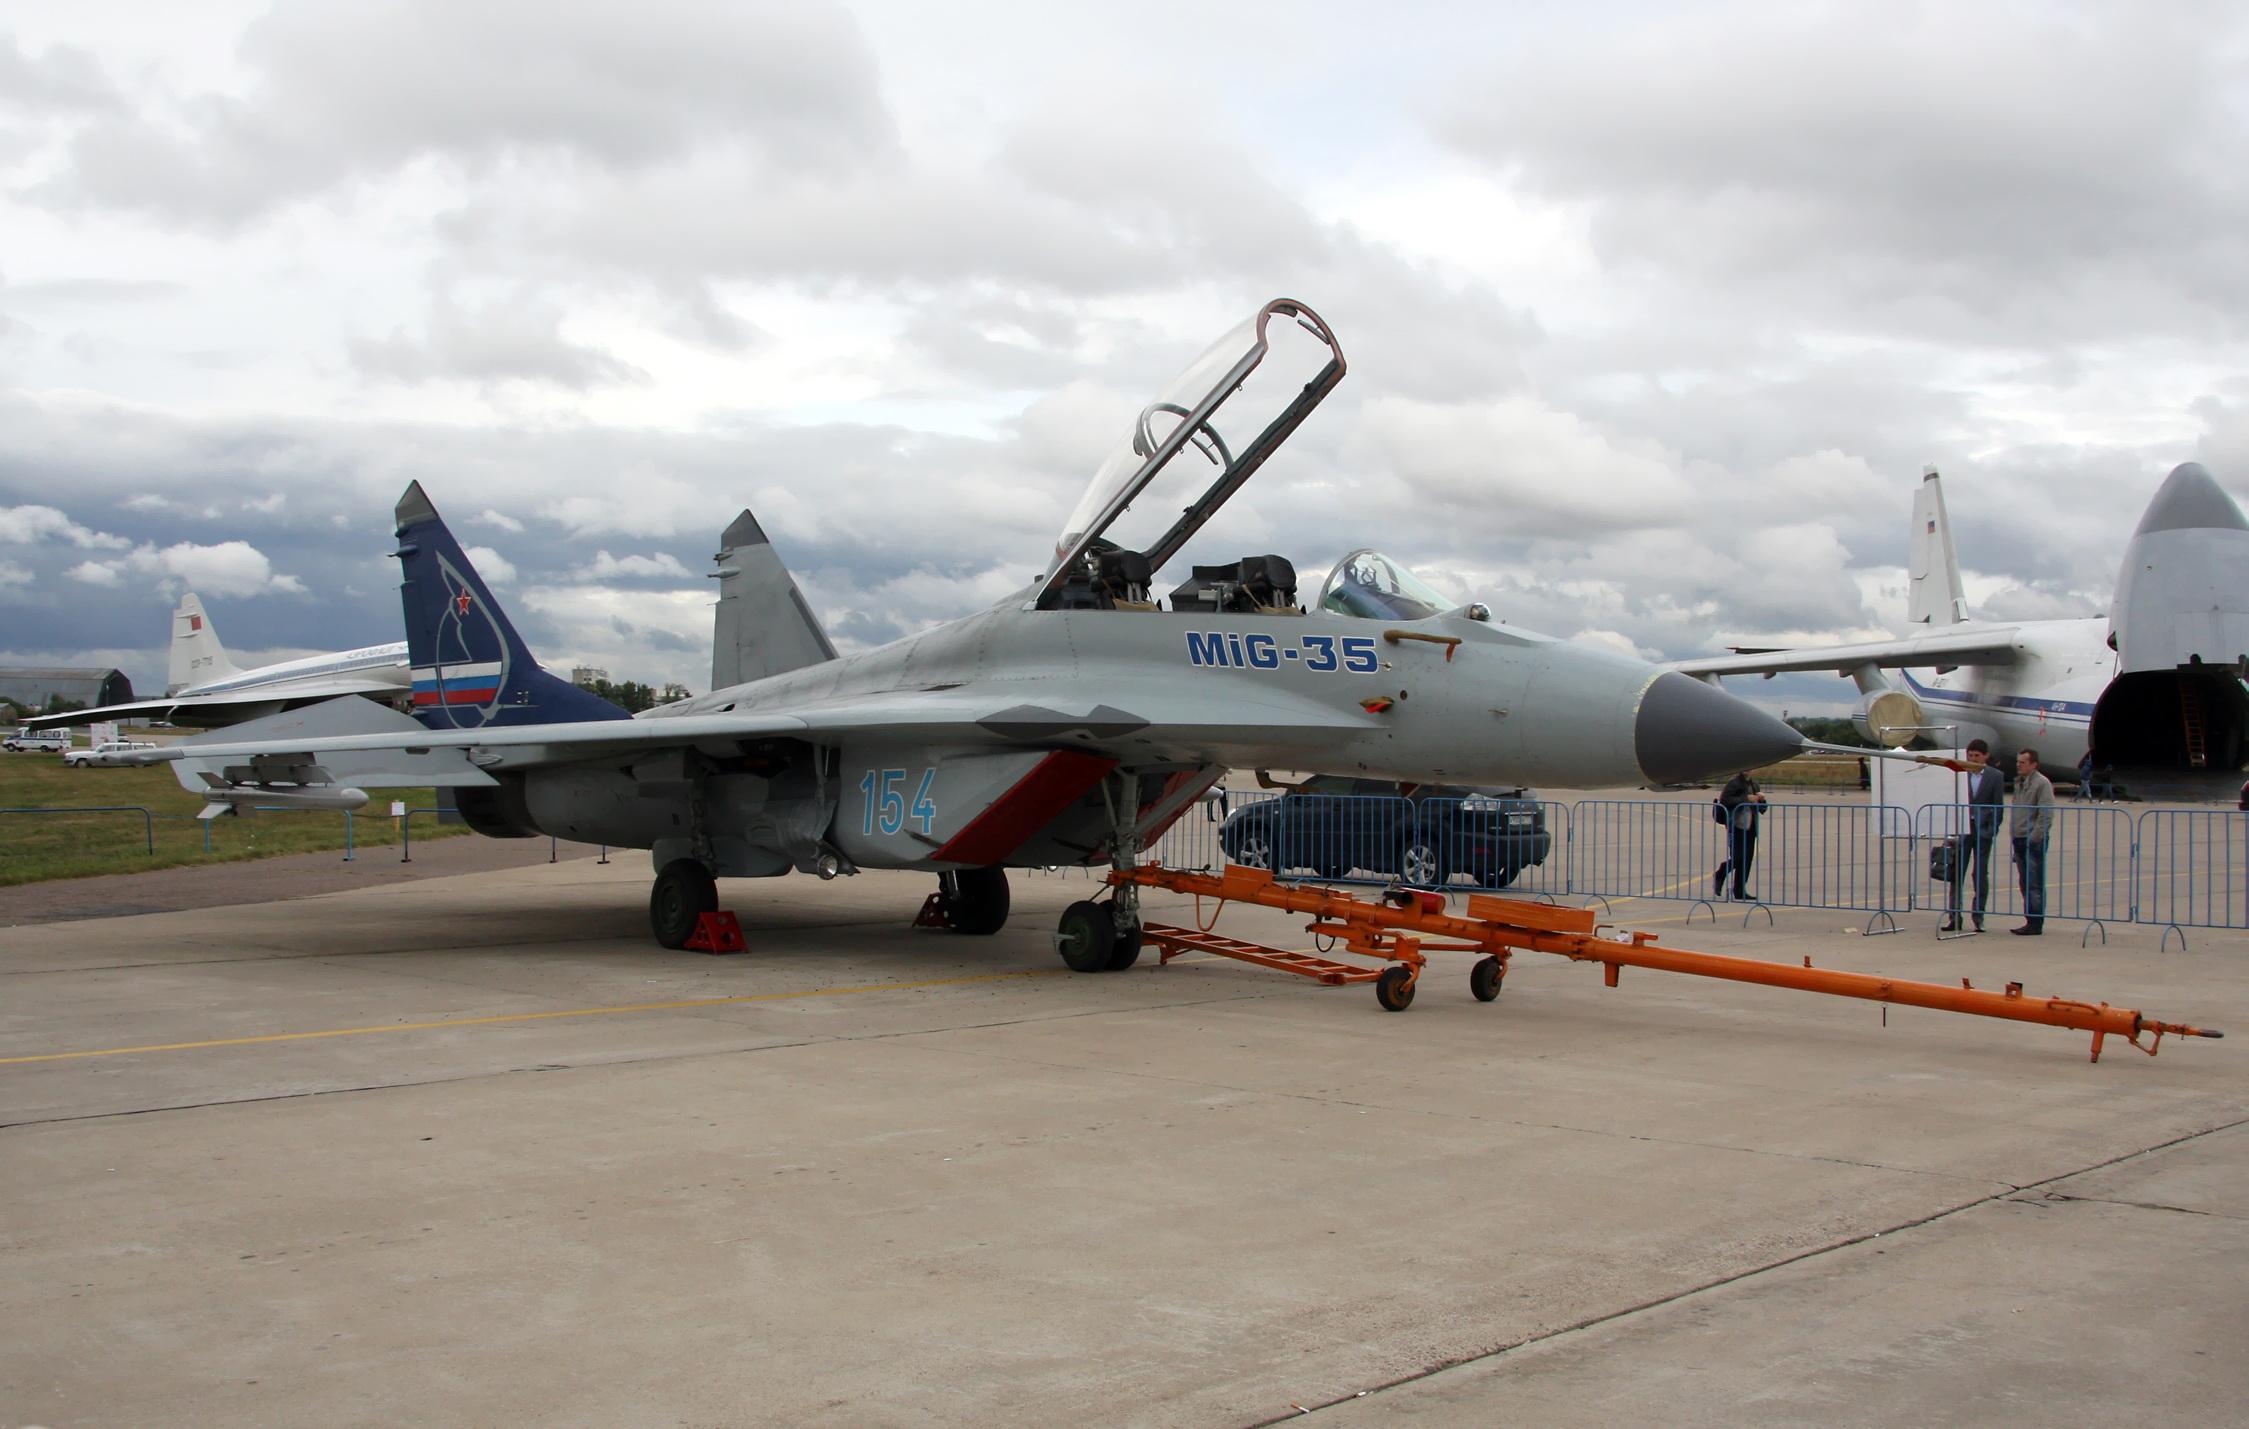 MiG 35 (航空機)の画像 p1_29